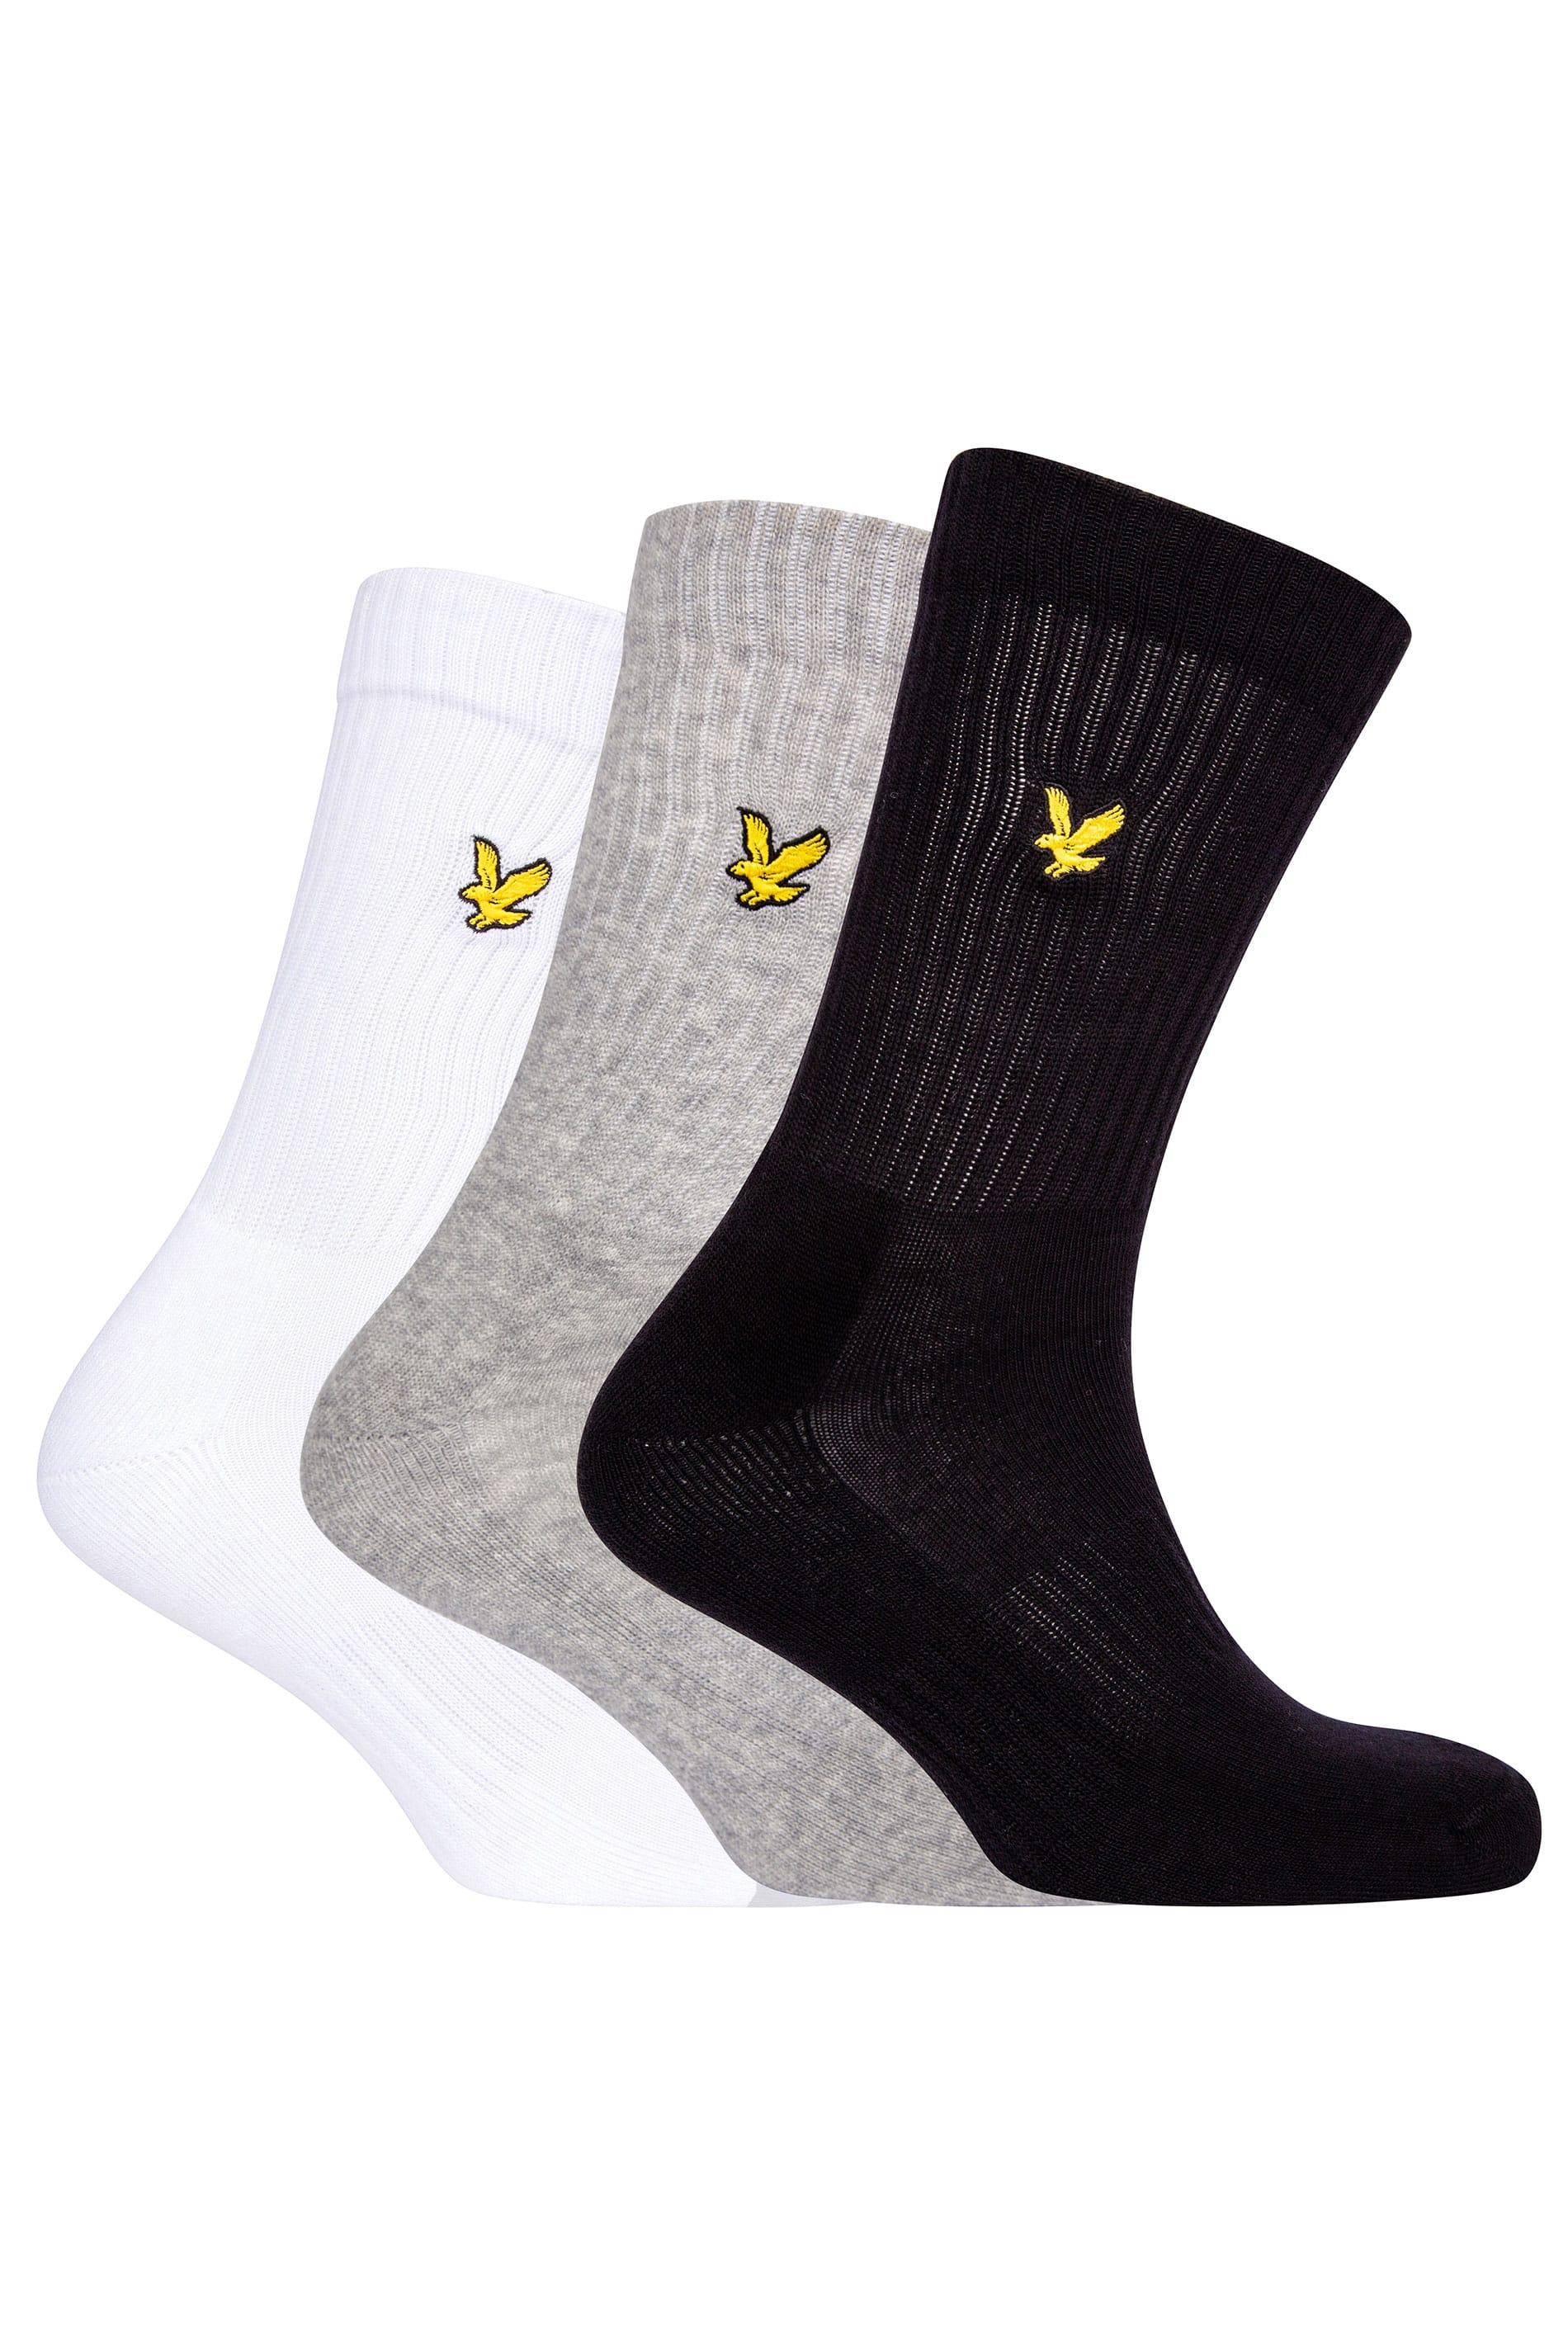 LYLE & SCOTT 3 PACK Multi Hamilton Sports Socks